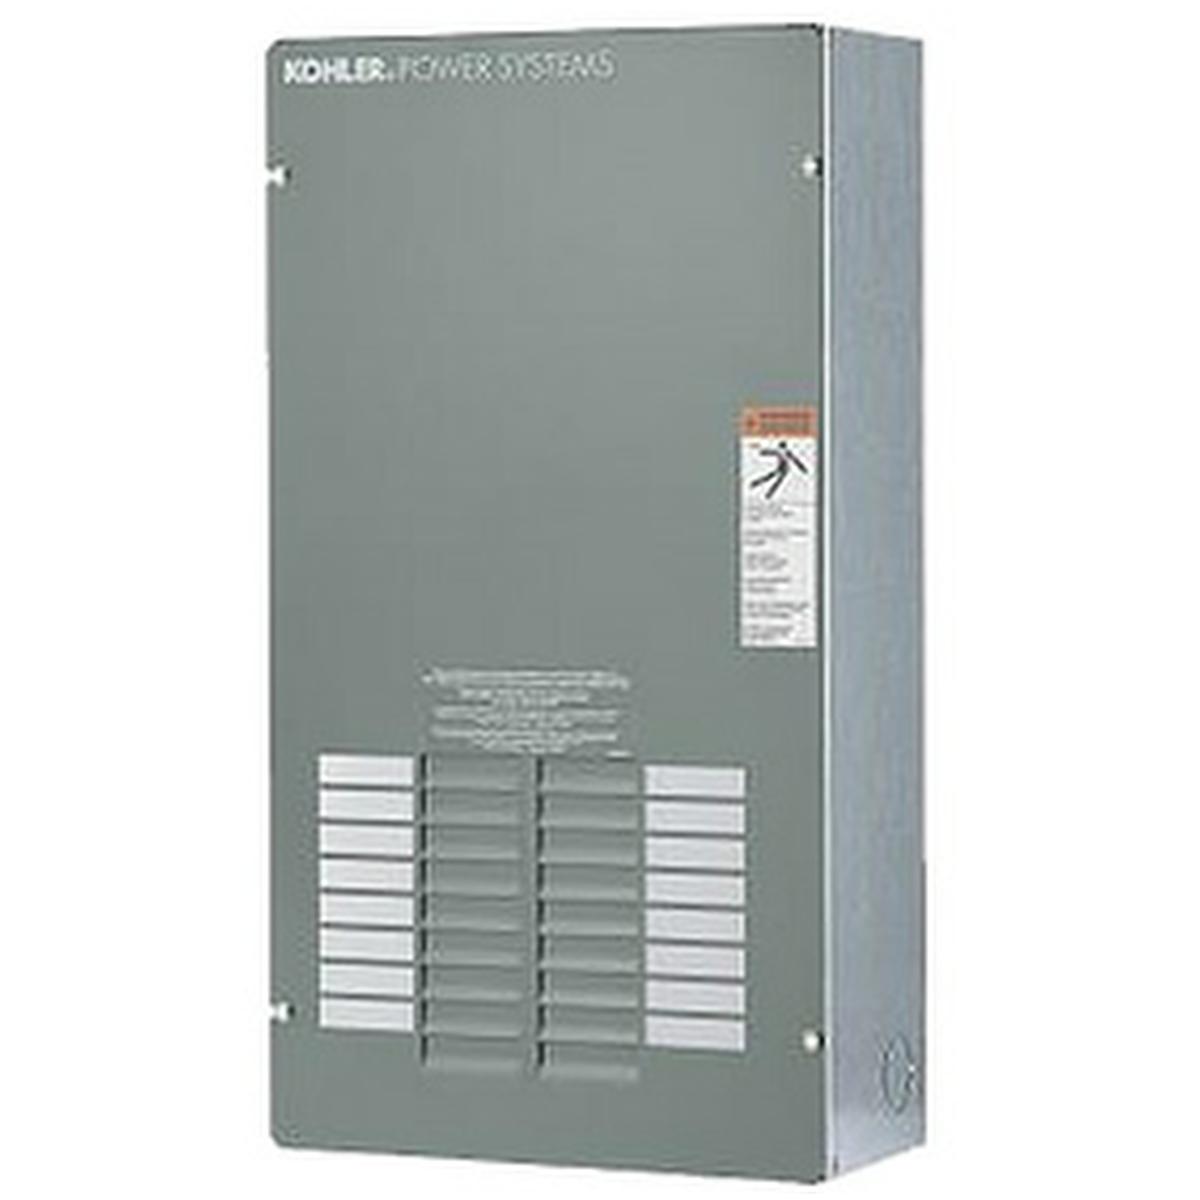 Kohler RXT-JFNA-0100B 100A 1Ø-120/240V Nema 1 Automatic Transfer Switch on